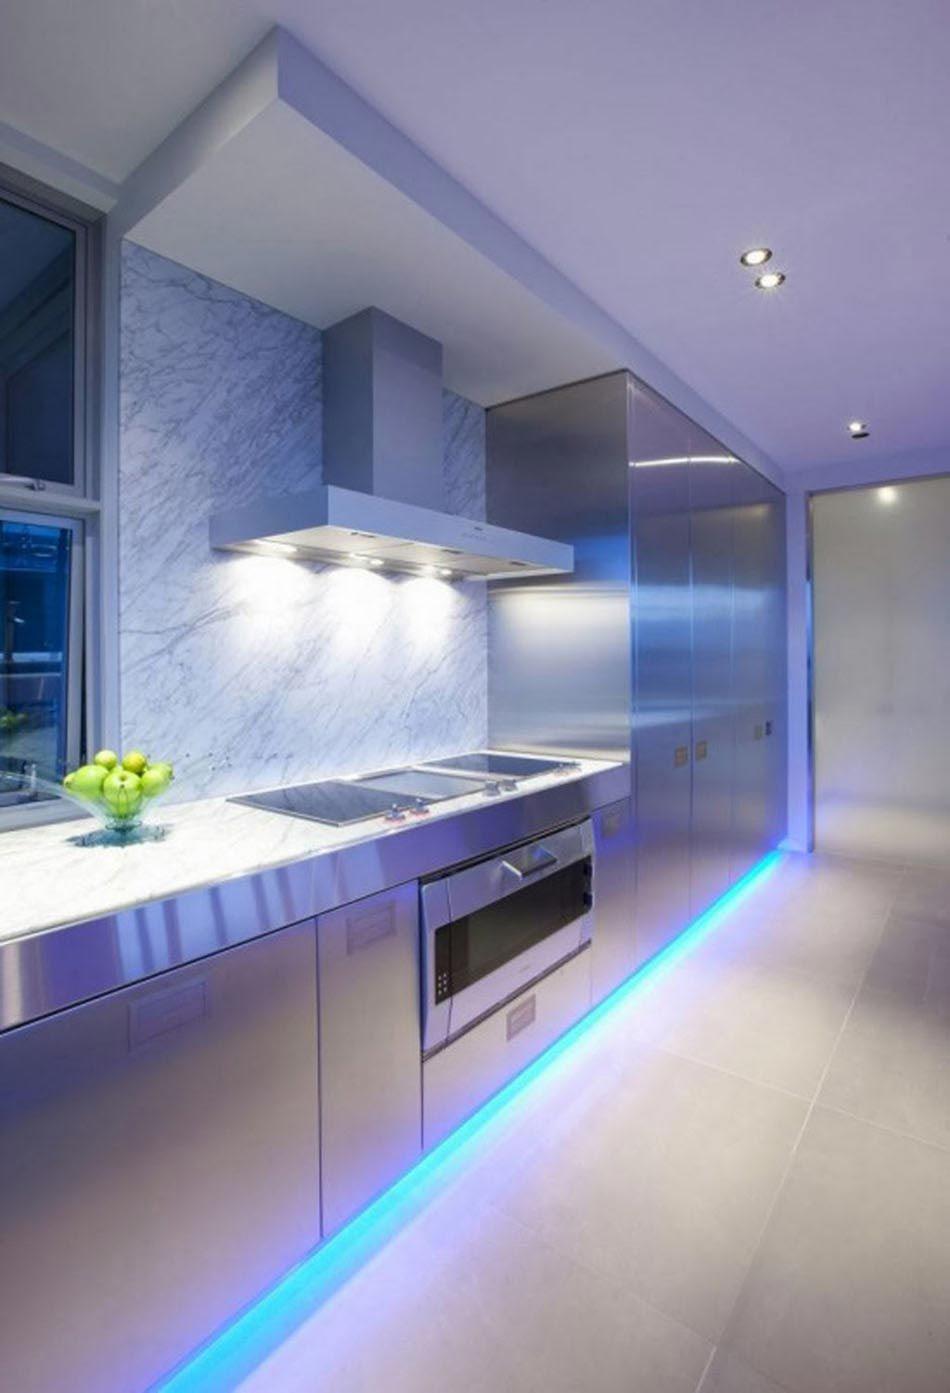 Léclairage LED Une Précieuse Astuce Luminaire Pour Embellir La - Spot led meuble cuisine pour idees de deco de cuisine